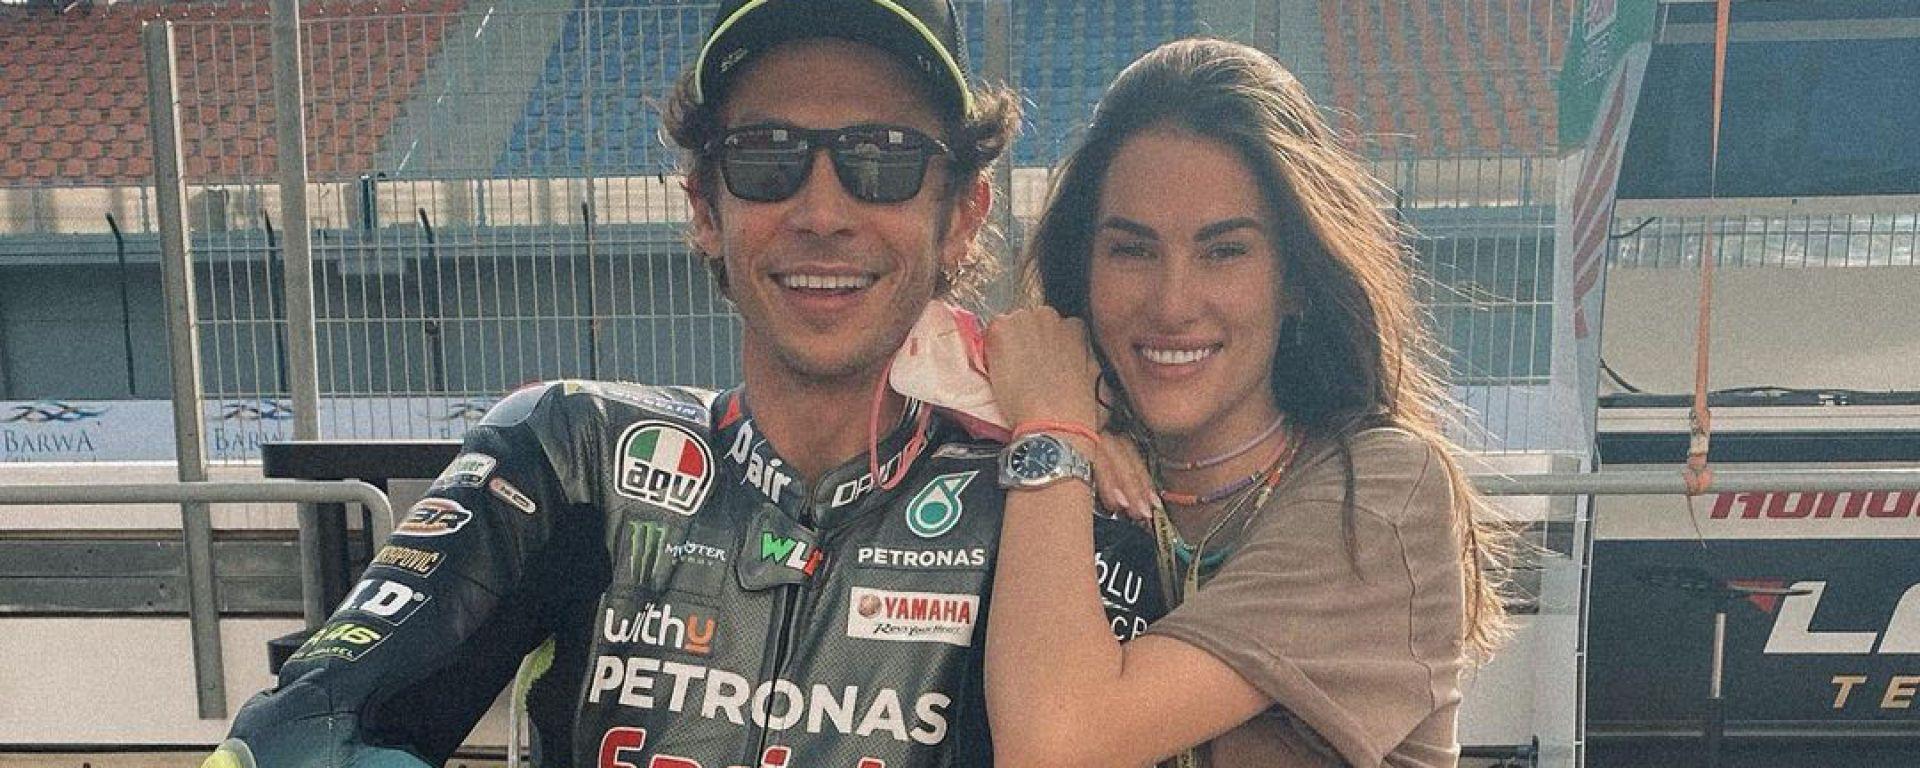 Valentino Rossi e Francesca Sofia Novello in pitlane a Losail